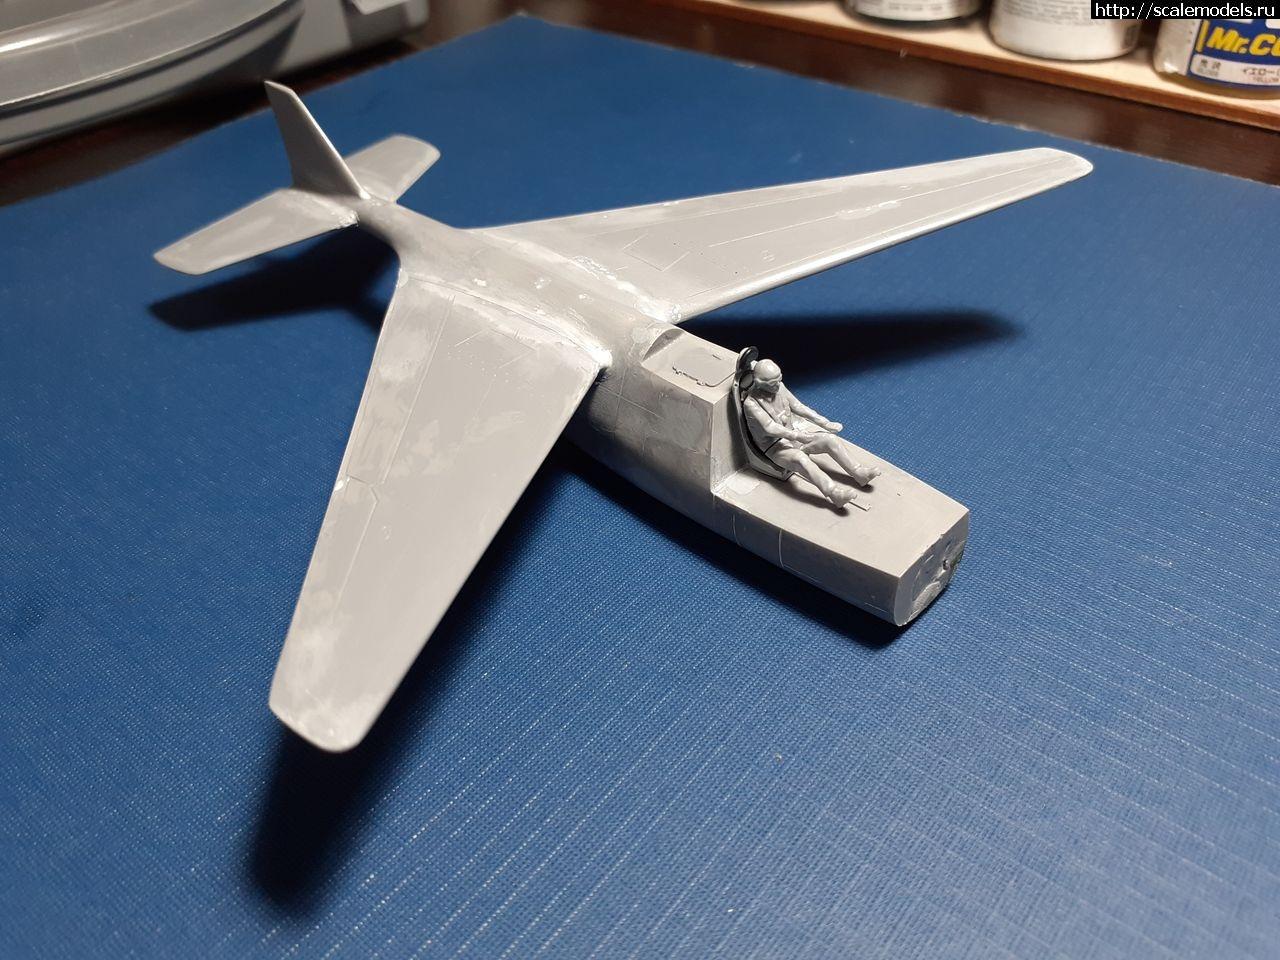 #1647553/ Blohm & Voss BV P.209.02 1:72 Airmodel (ГОТОВО) Закрыть окно